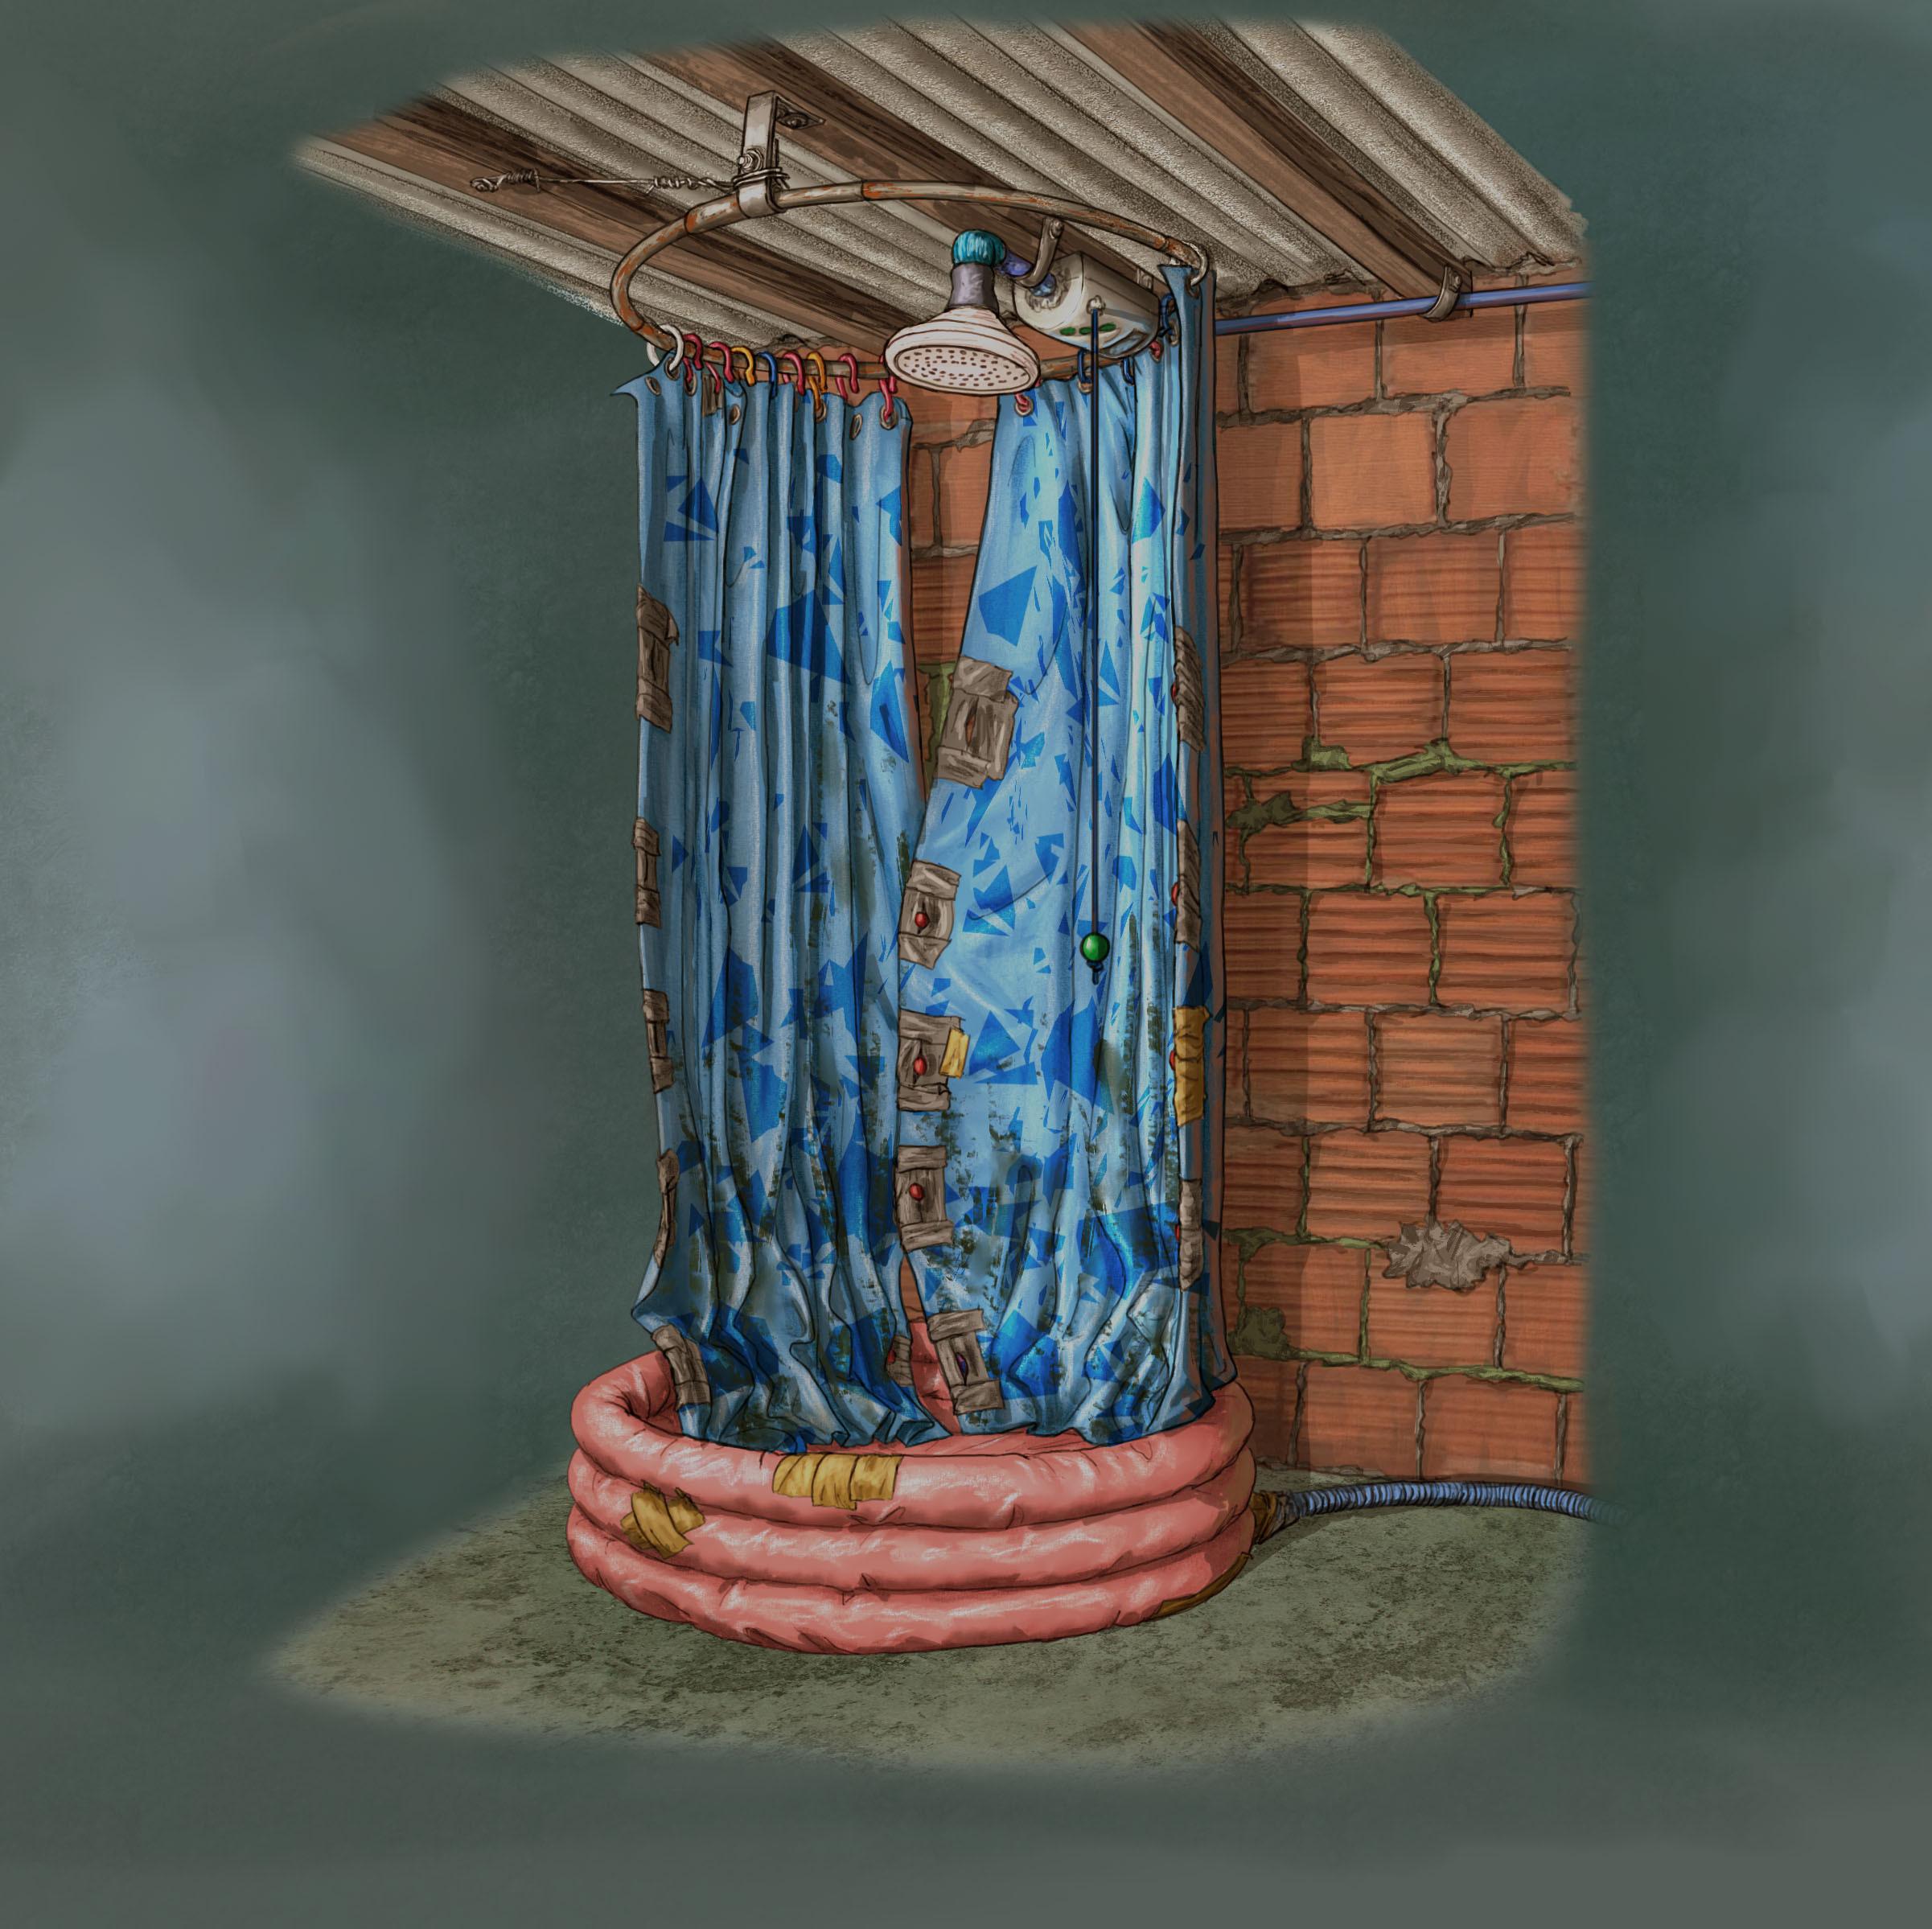 Favela Junk Shower // Design / Drawing / Prop